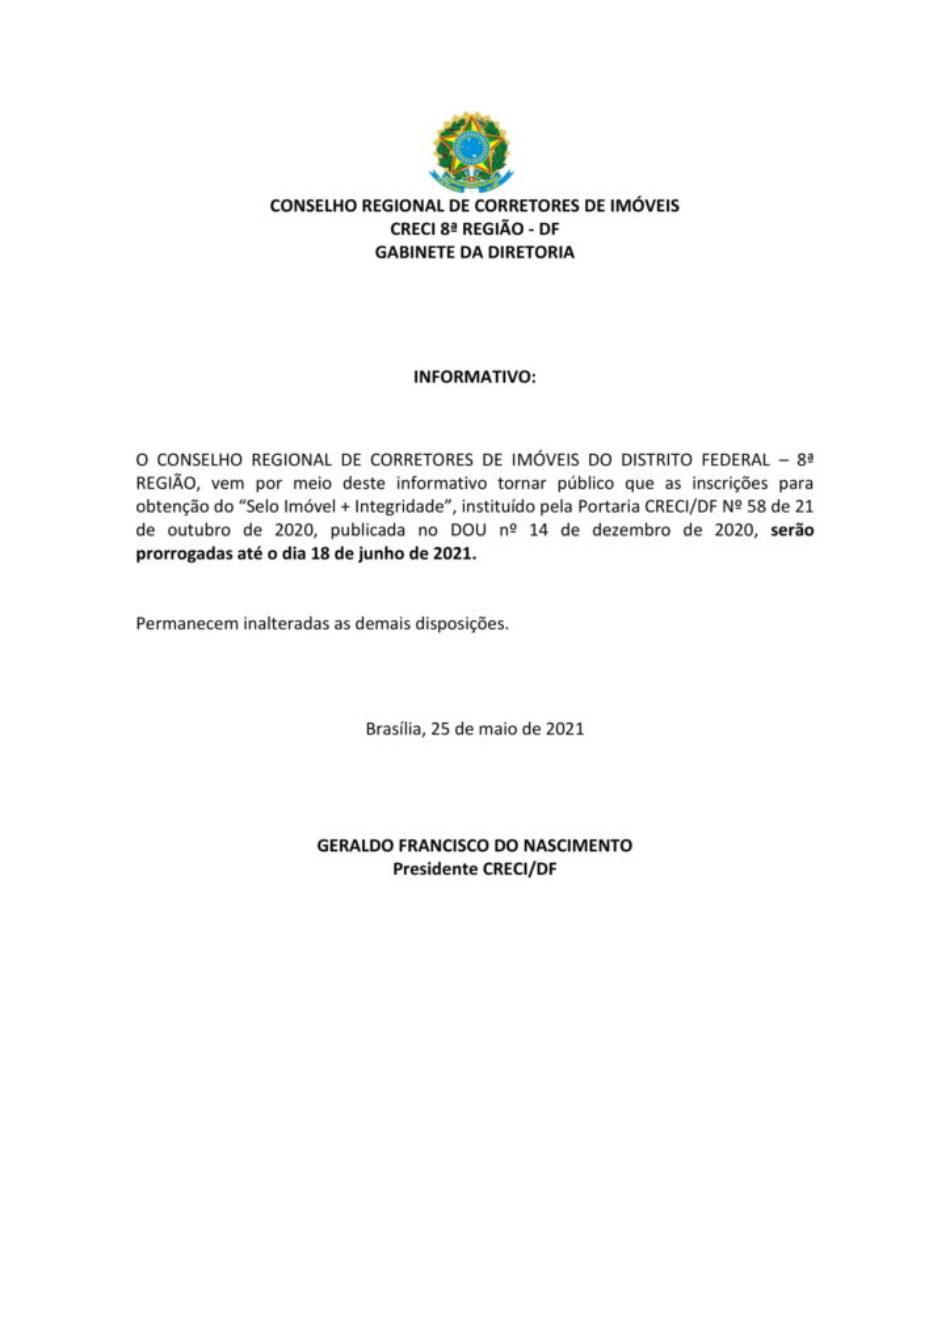 INFORMATIVO - PRORROGAÇÃO DAS INSCRIÇÕES DO SELO-1